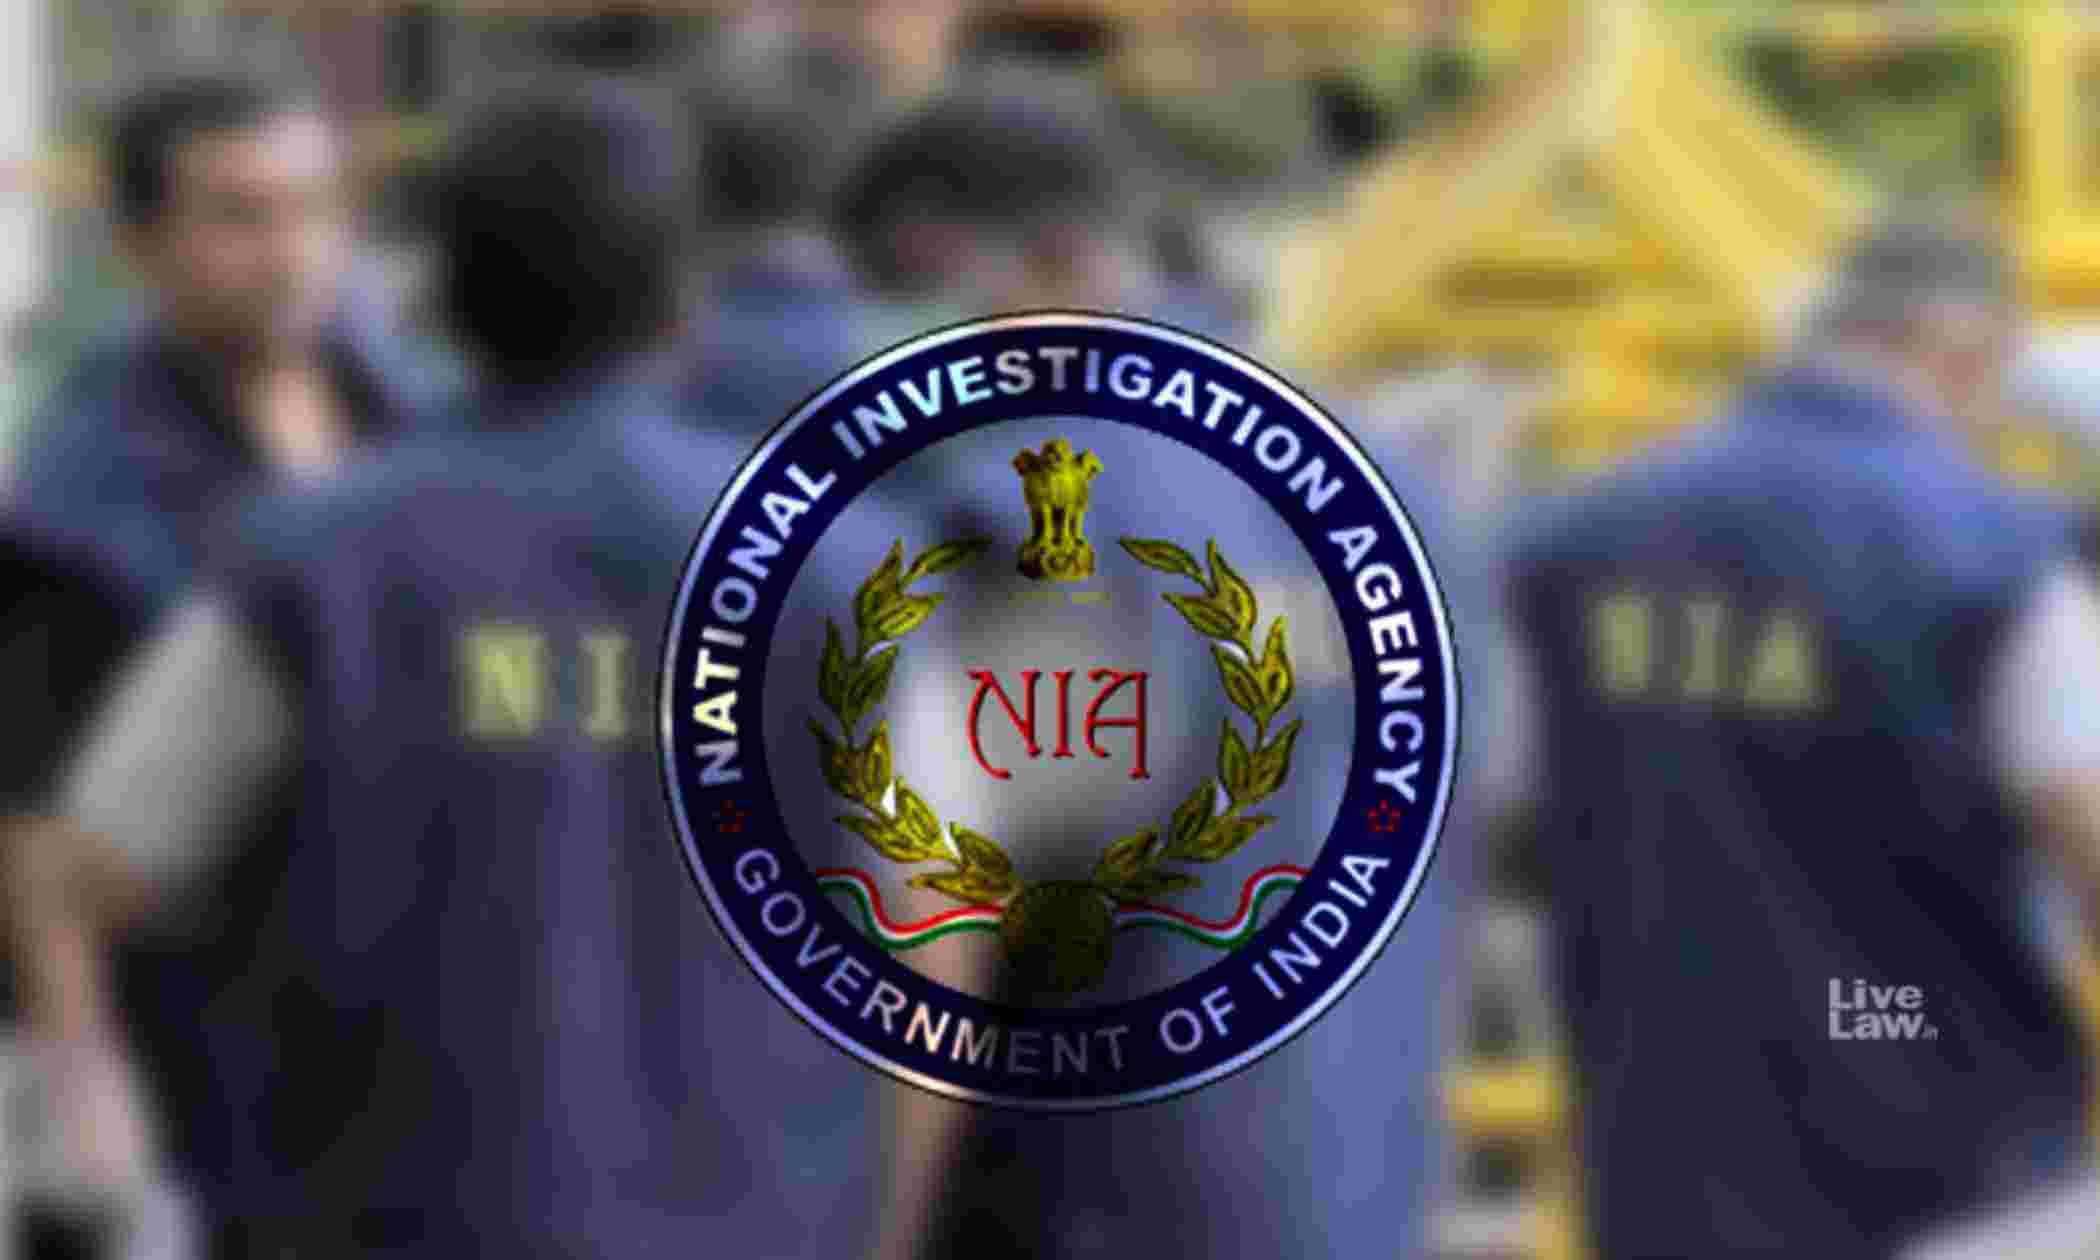 NIA कोर्ट के काम न करने के कारण आरोपी का UAPA के तहत हिरासत में बने रहना अवैध घोषित करने की मांग वाली याचिका पर दिल्ली हाईकोर्ट ने आदेश सुरक्षित रखा